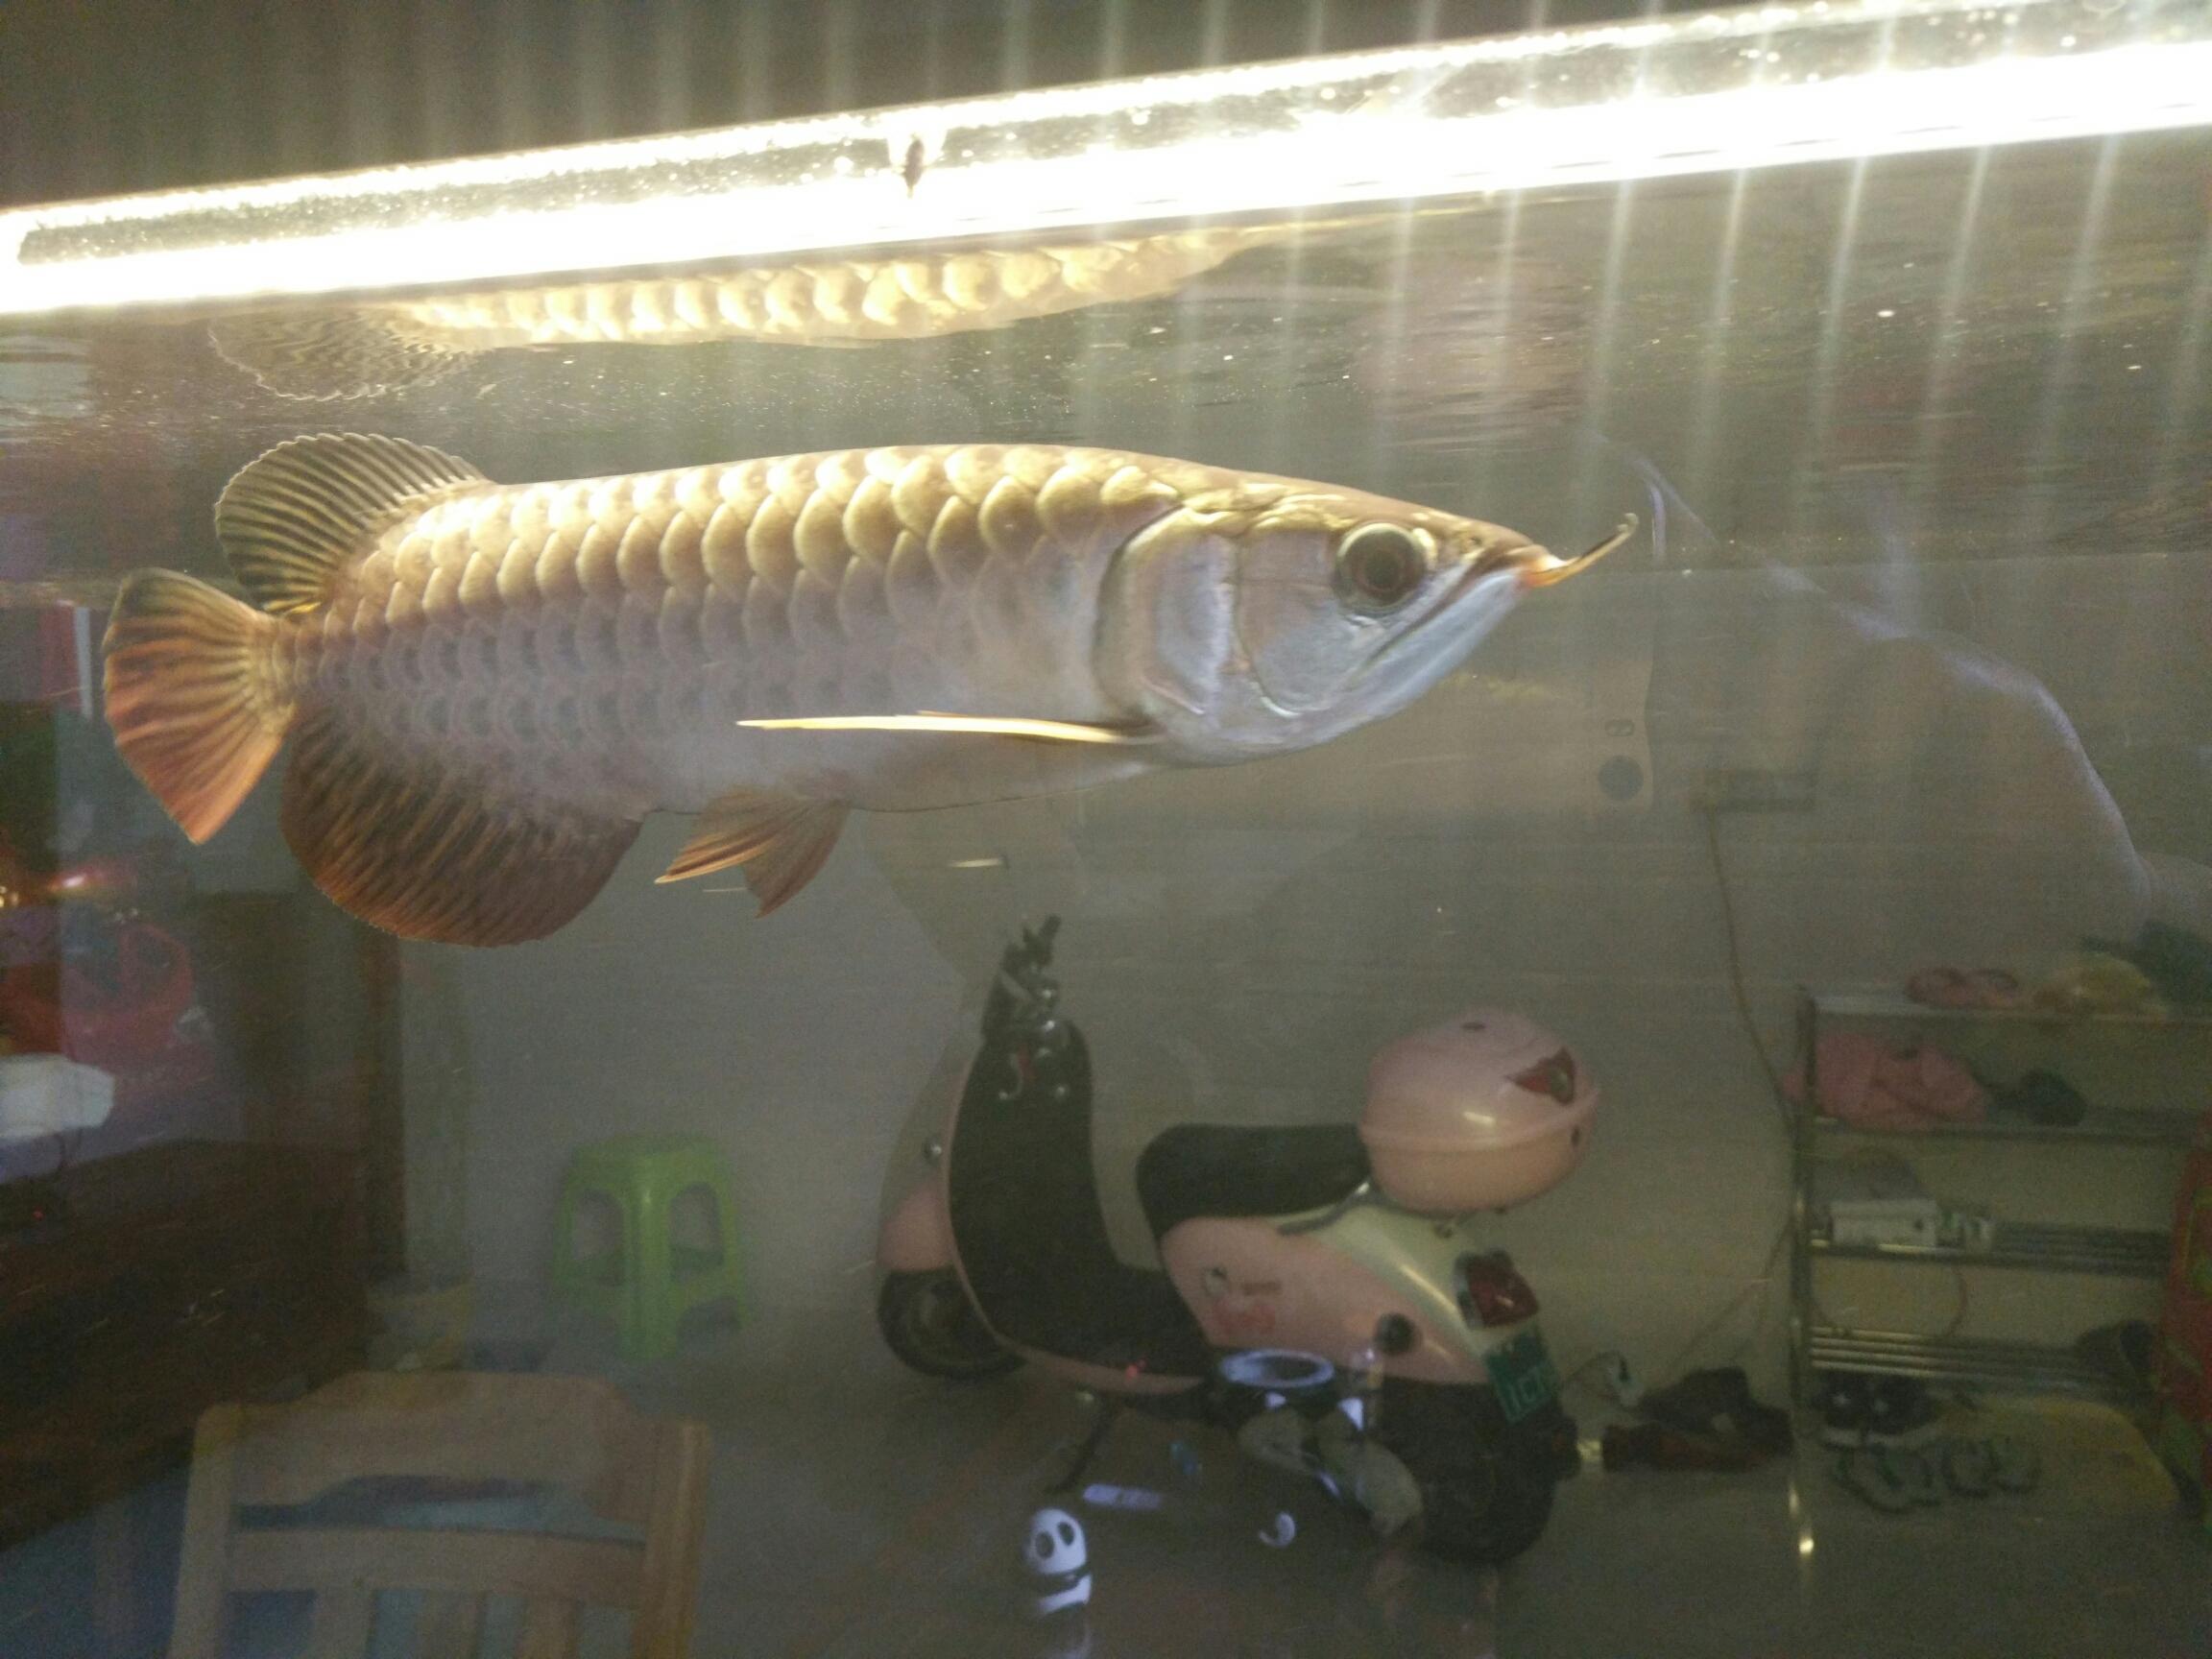 北京台湾蝴蝶鲤一个月了放出来晒晒 北京观赏鱼 北京龙鱼第9张